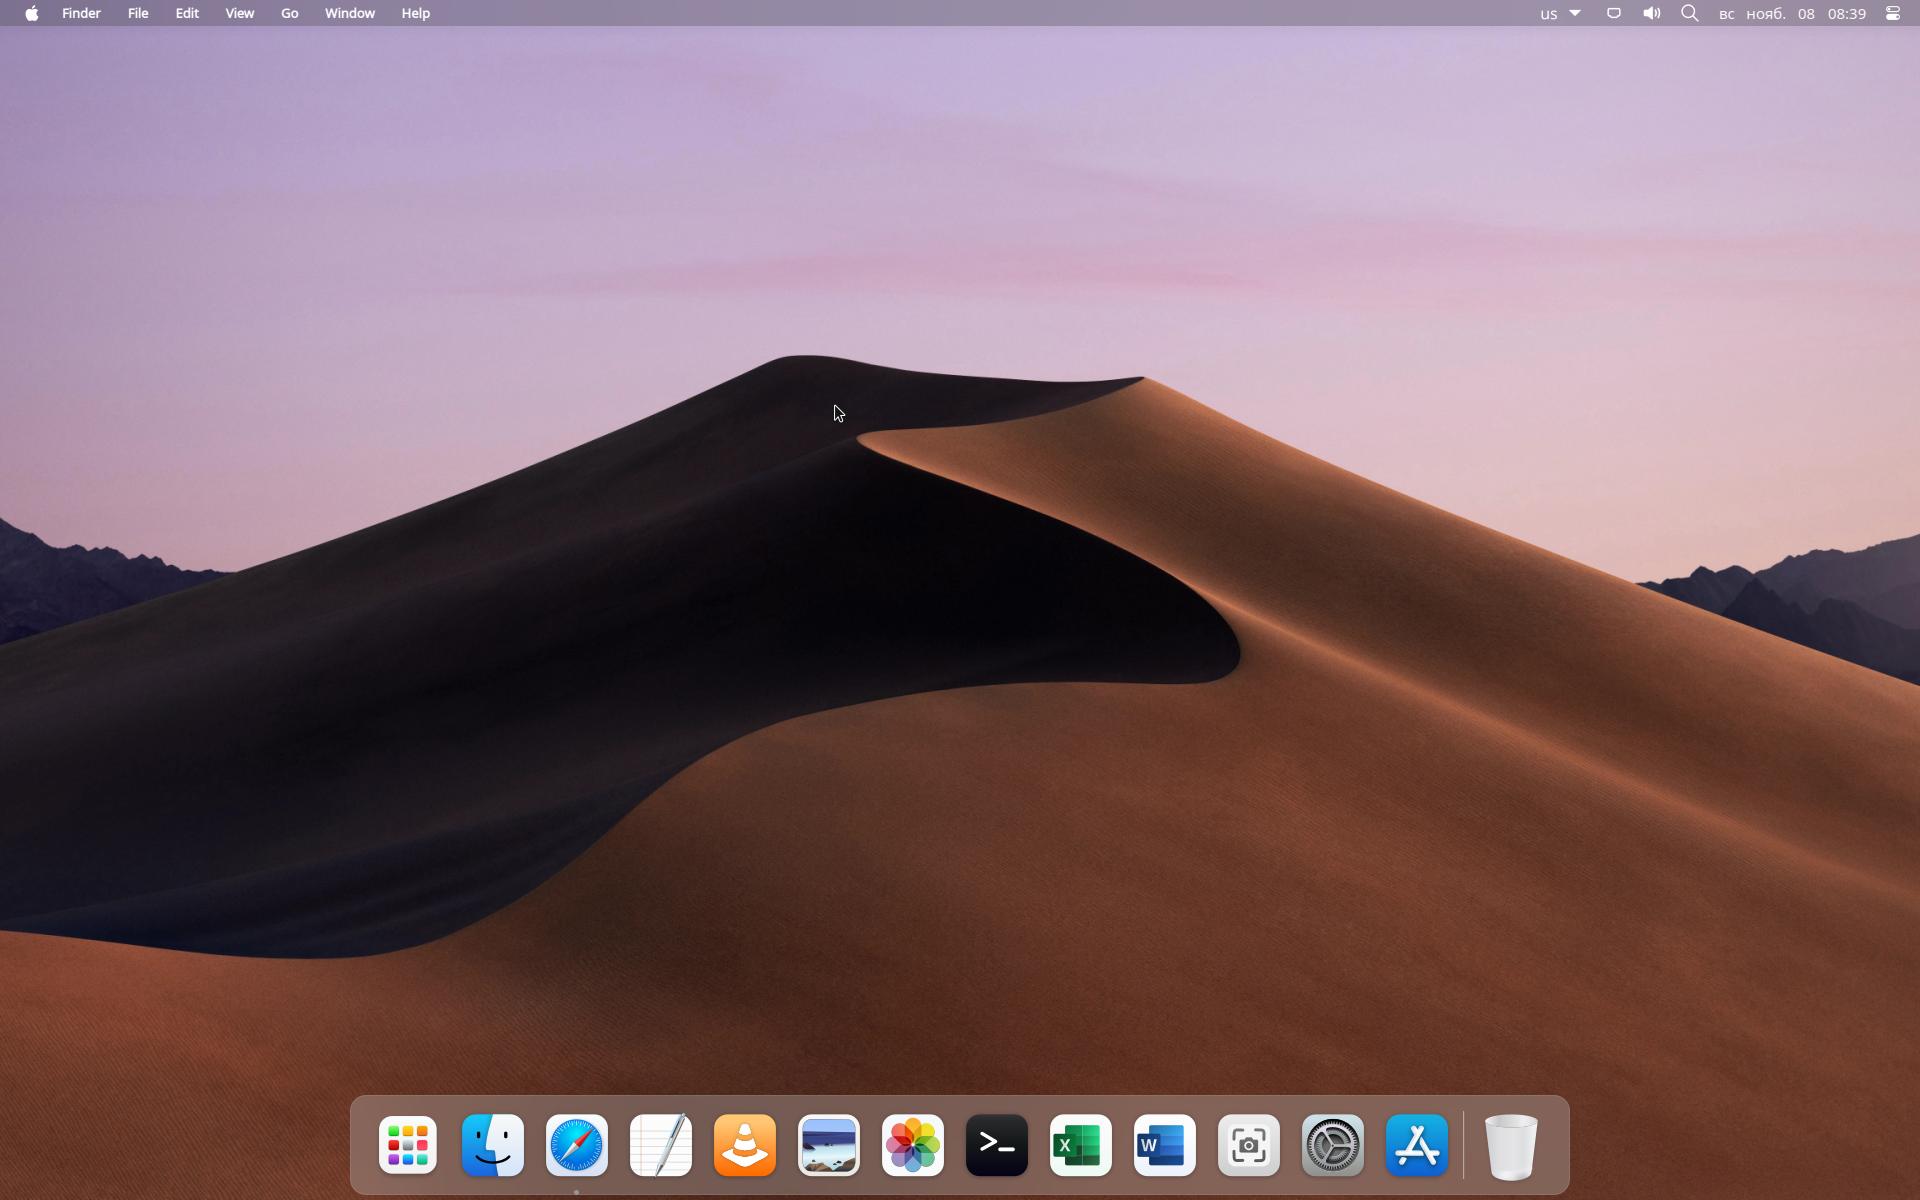 macbuntu 20.04.1